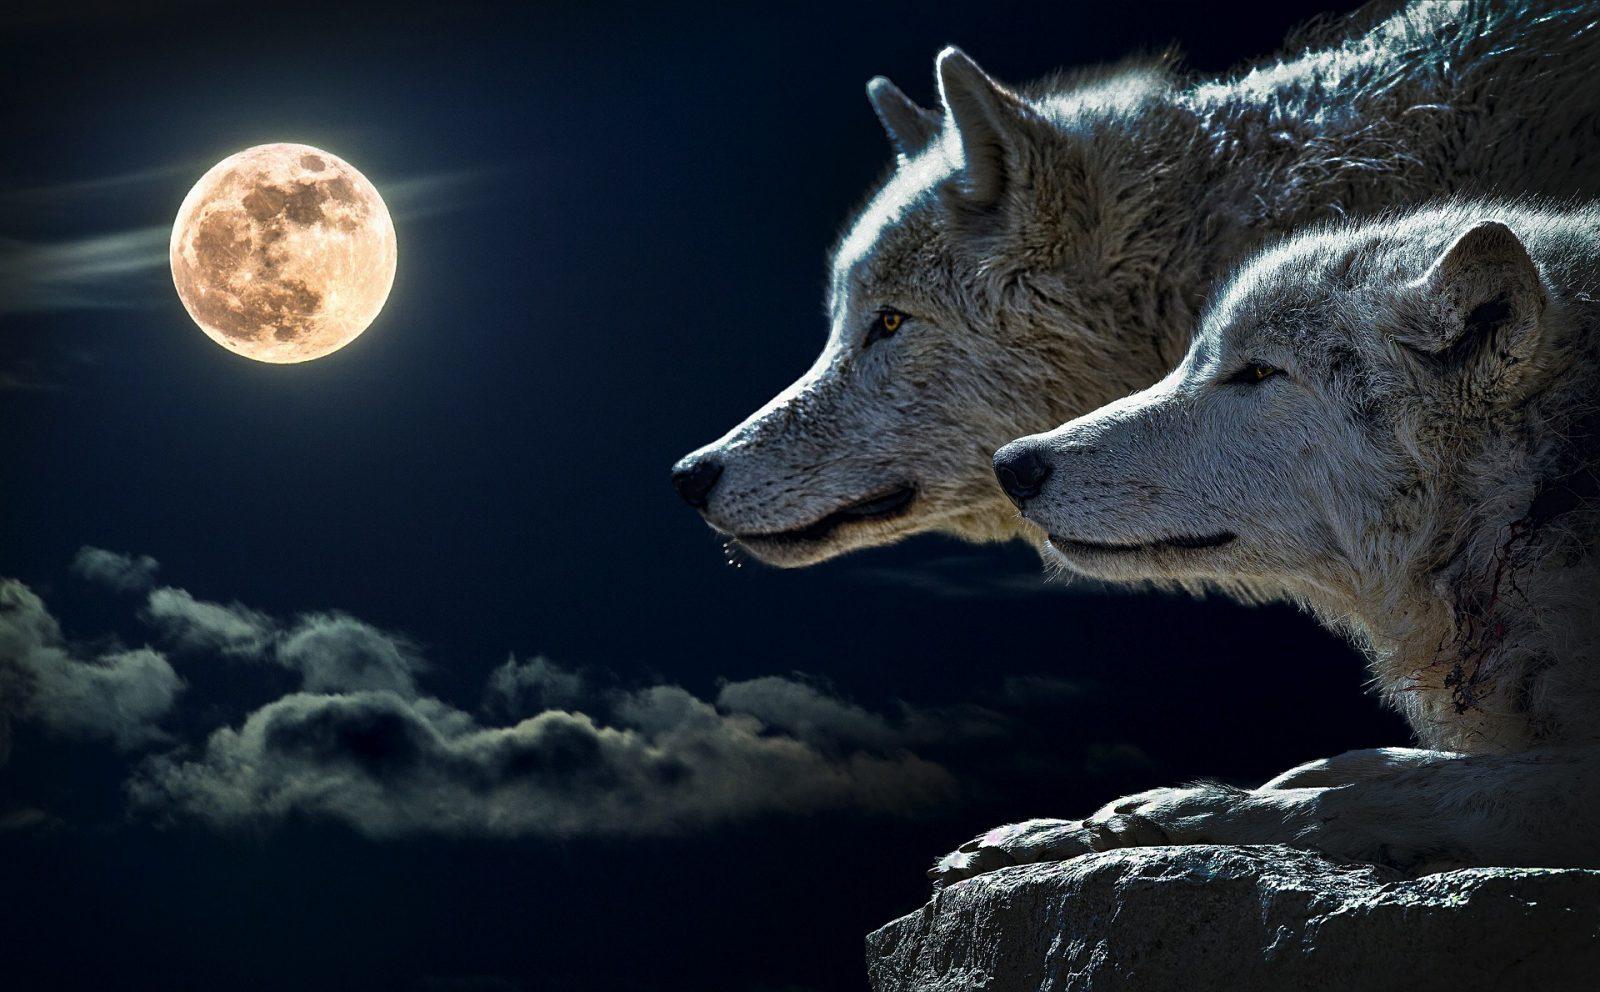 (فيديو) أقوى صراع بين ذئب وكلب ،ينتهي بافتراس الذئب للكلب